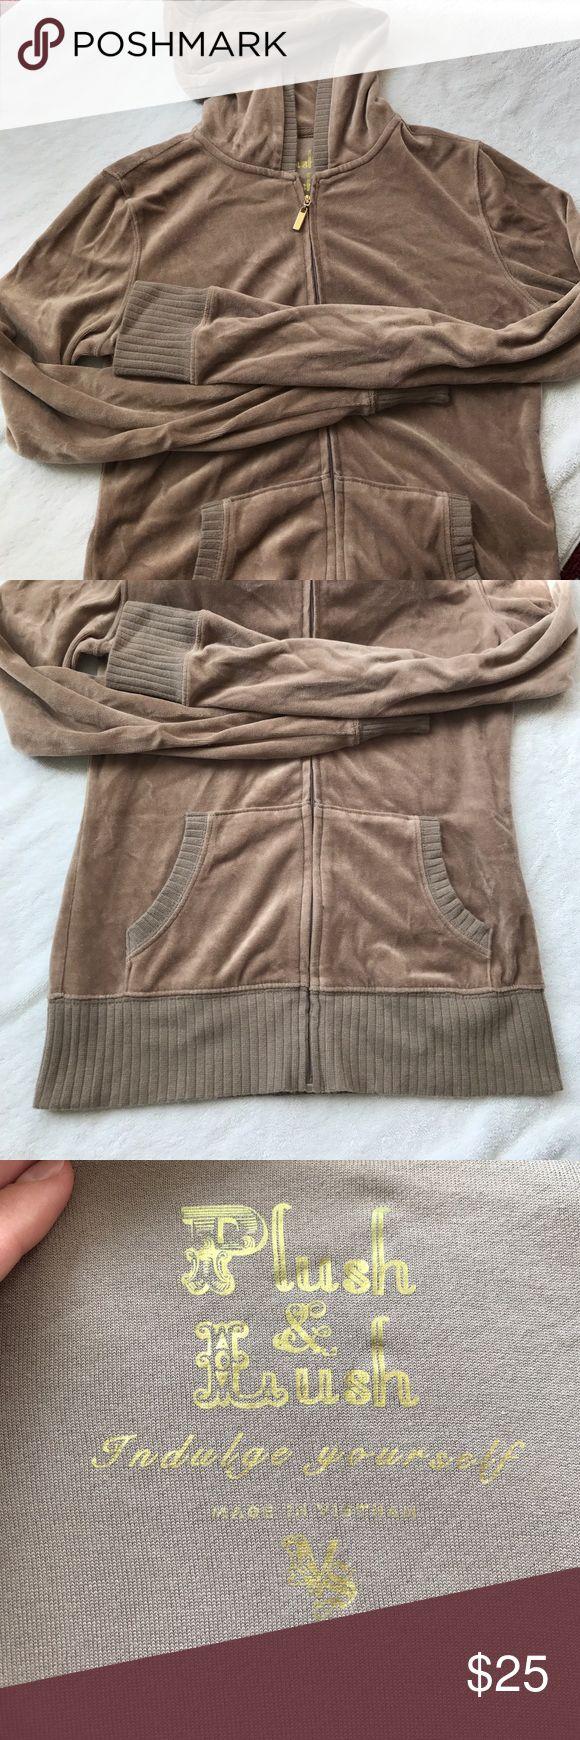 Taupe Velour Jacket Hooded Velour Jacket- Victoria's Secret Victoria's Secret Jackets & Coats